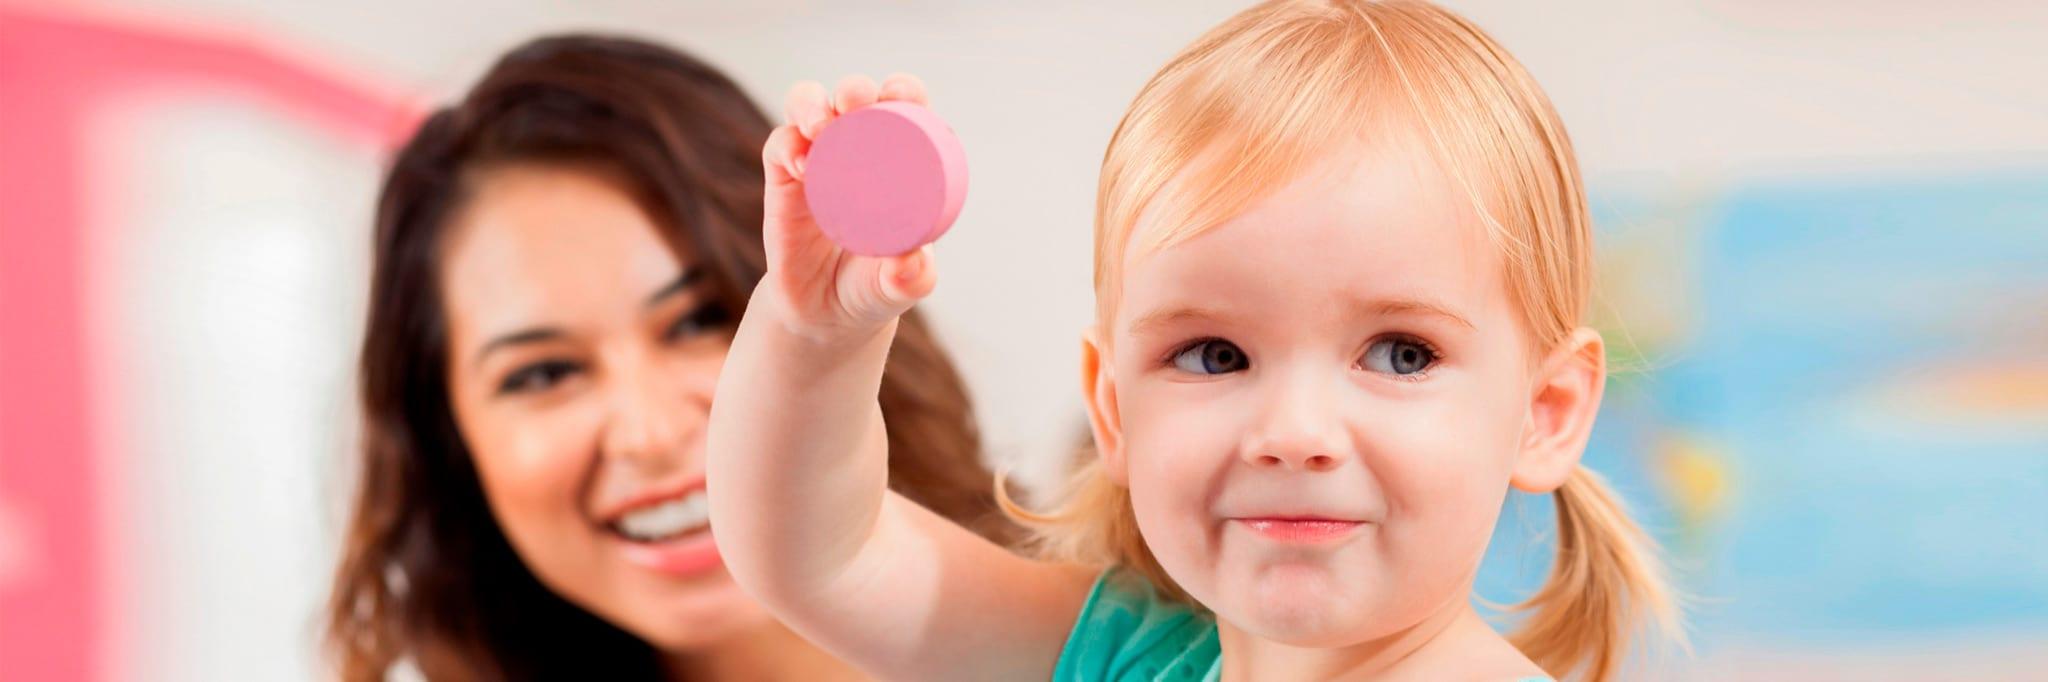 young preschooler girl showing her toy